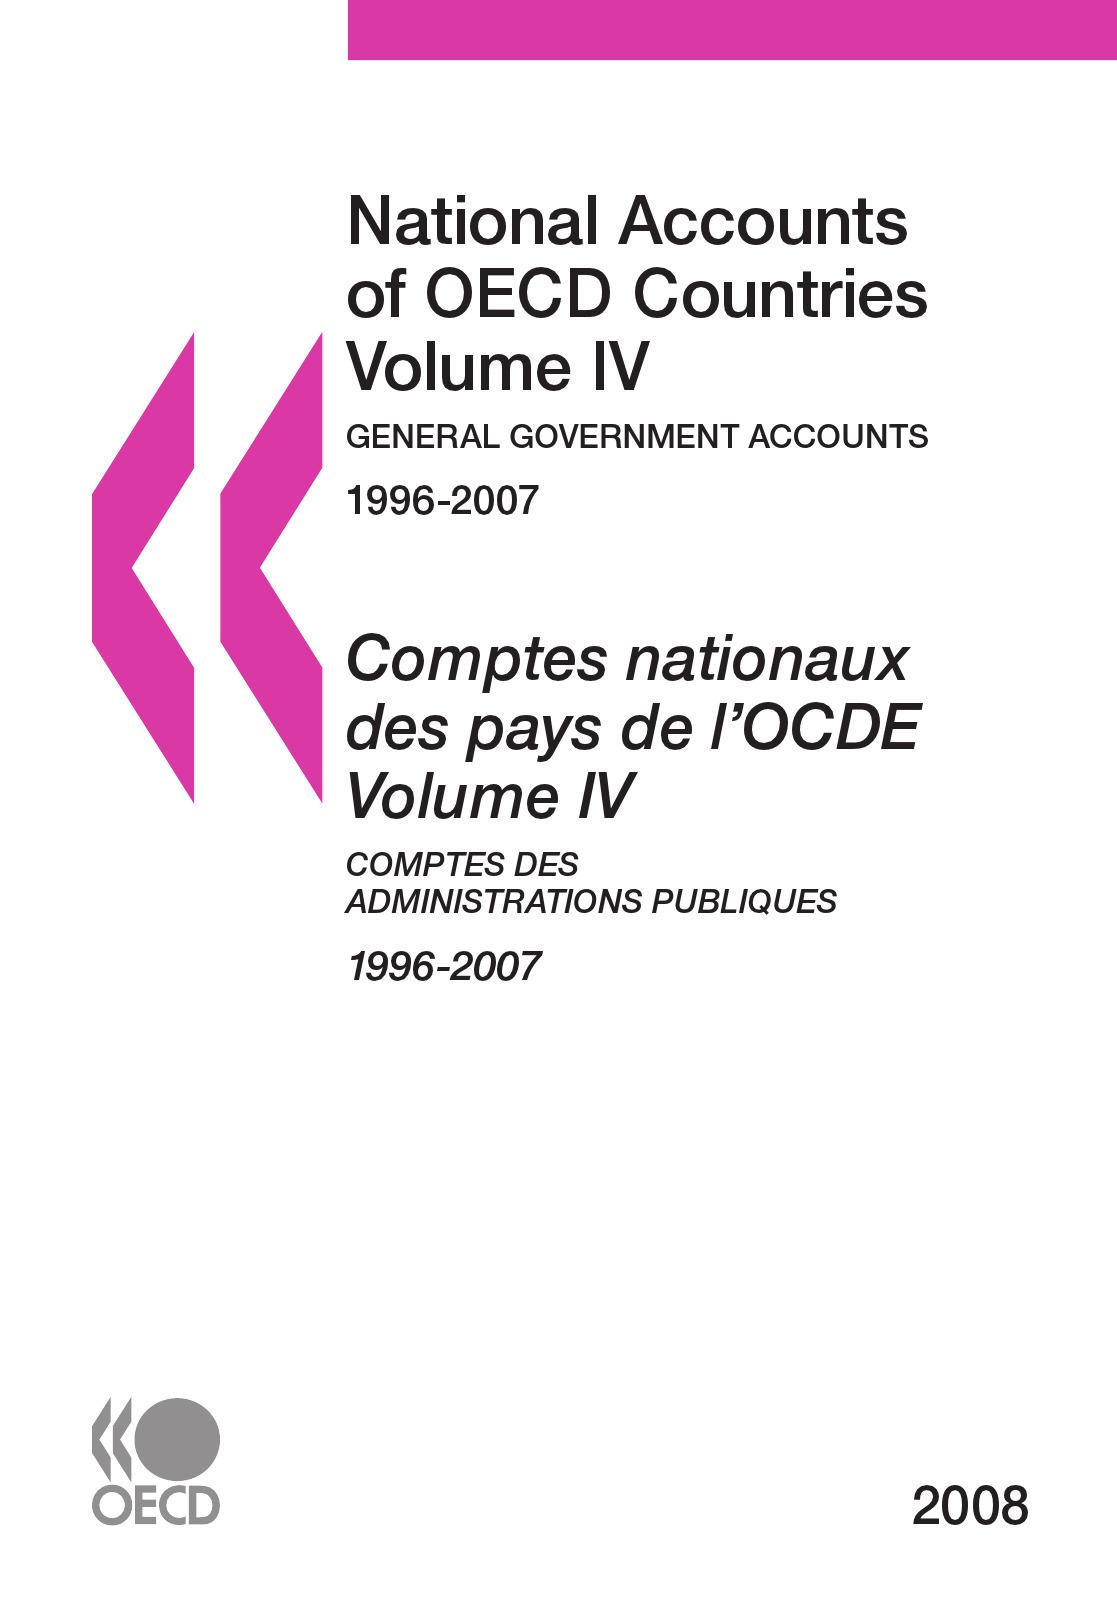 Collective Comptes nationaux des pays de l'OCDE 2008, Volume IV, Comptes des administrations publiques